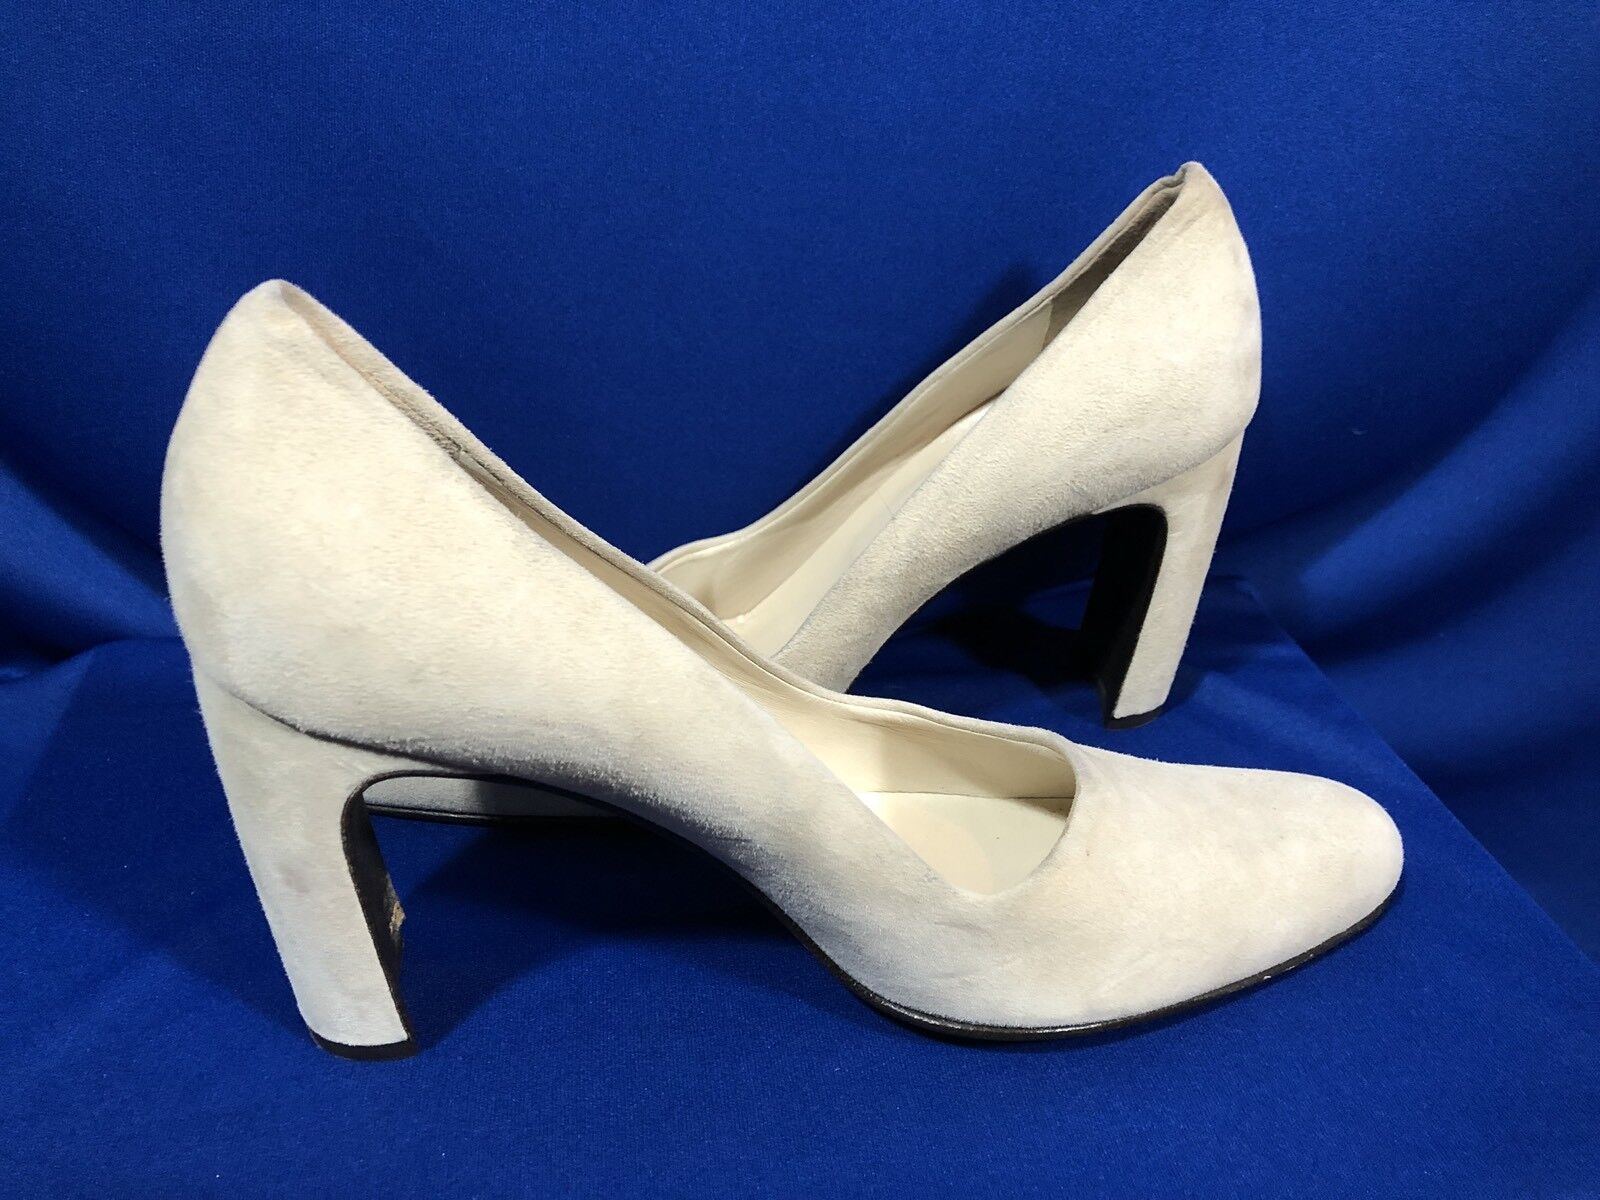 Joan & David Size 8.5 Suede Heels Heels Heels shoes Pumps Beige Made in  Thick Heel f4c665